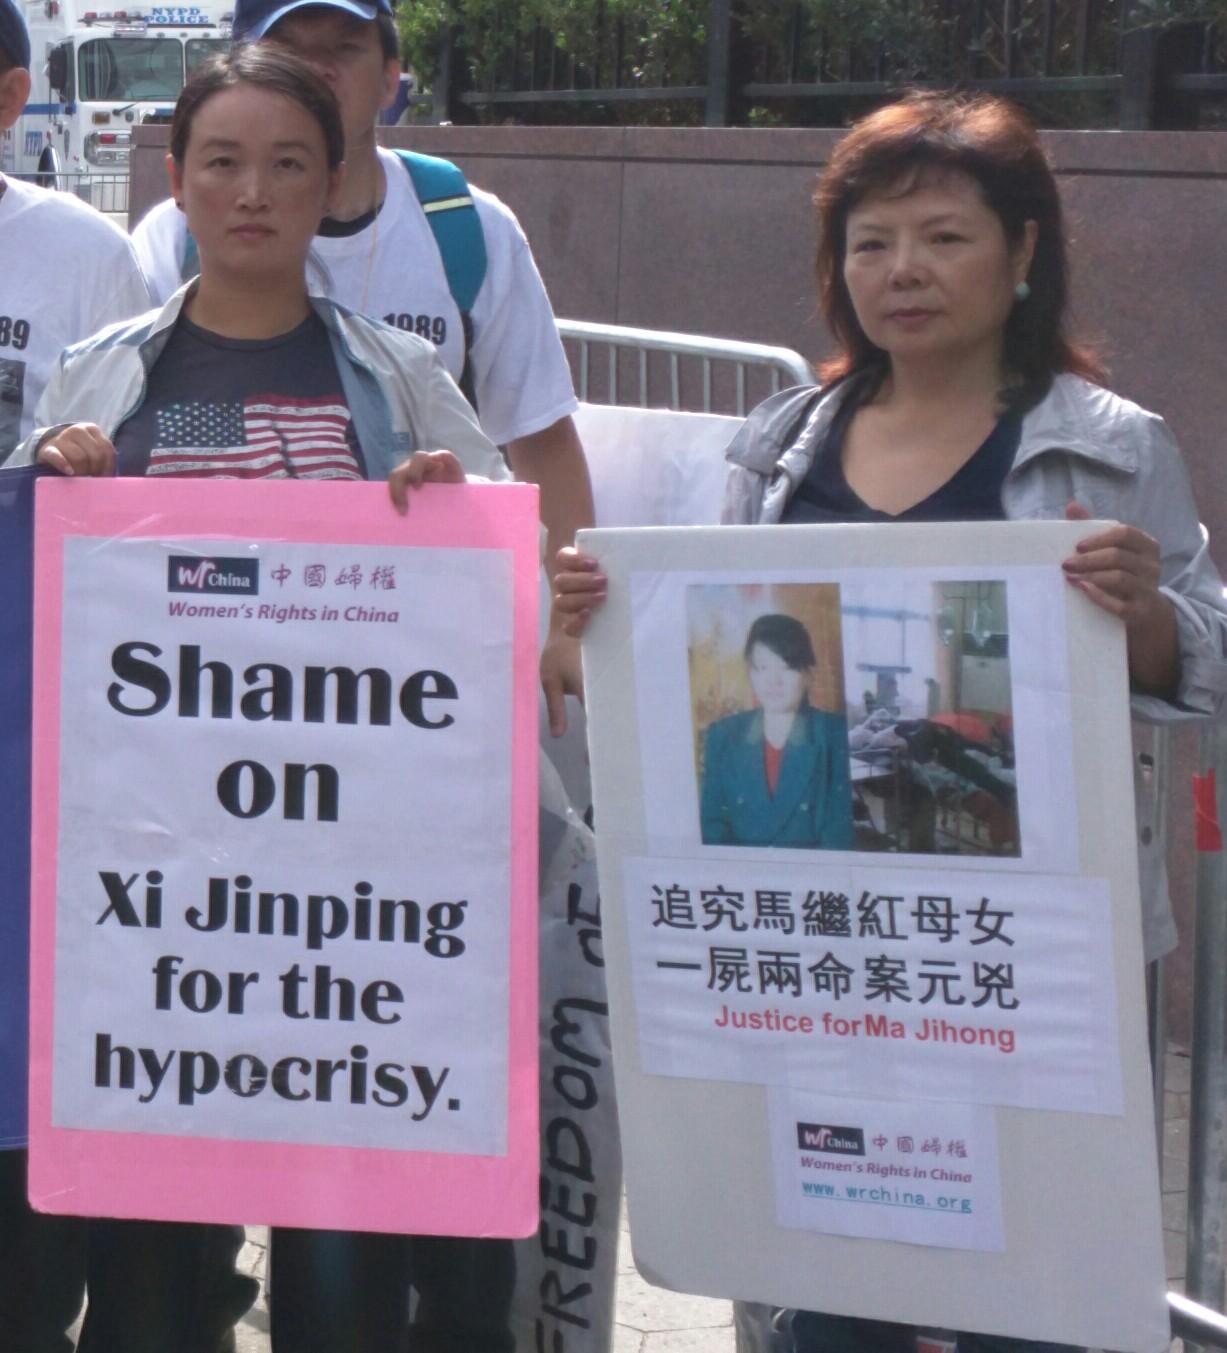 中國婦權聯合國場外抗議,右:中國婦權創始人張菁,左:中國婦權義工張羽君